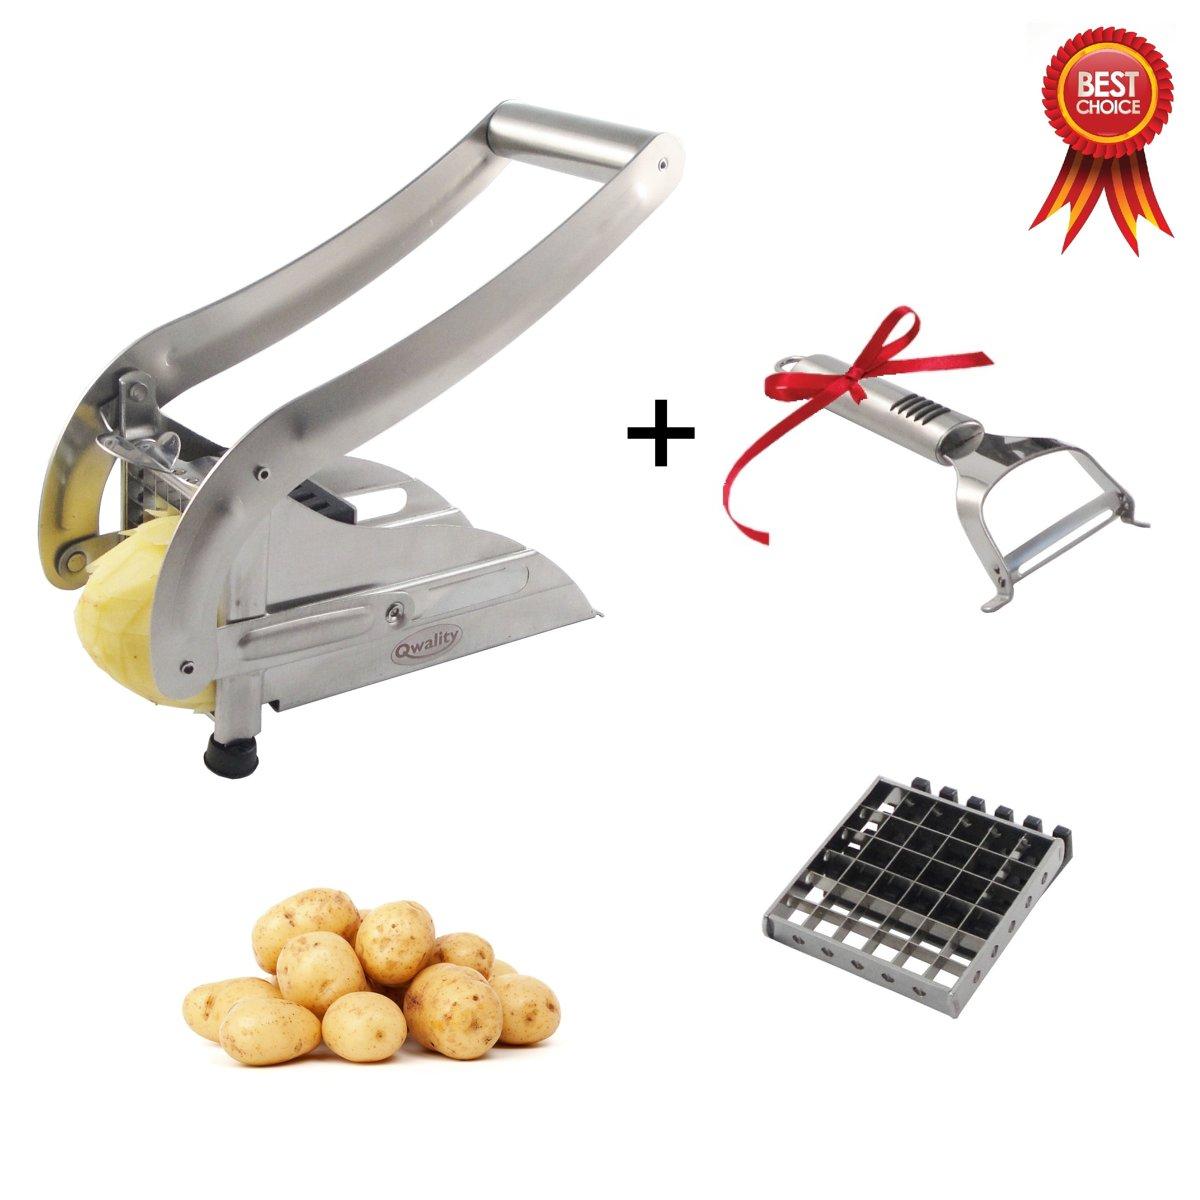 Frietsnijder + Gratis Dunschiller (RVS)   Aardappelsnijder   Patat Snijder   Franse Frieten   French Fries Potato Cutter   Qwality4u kopen